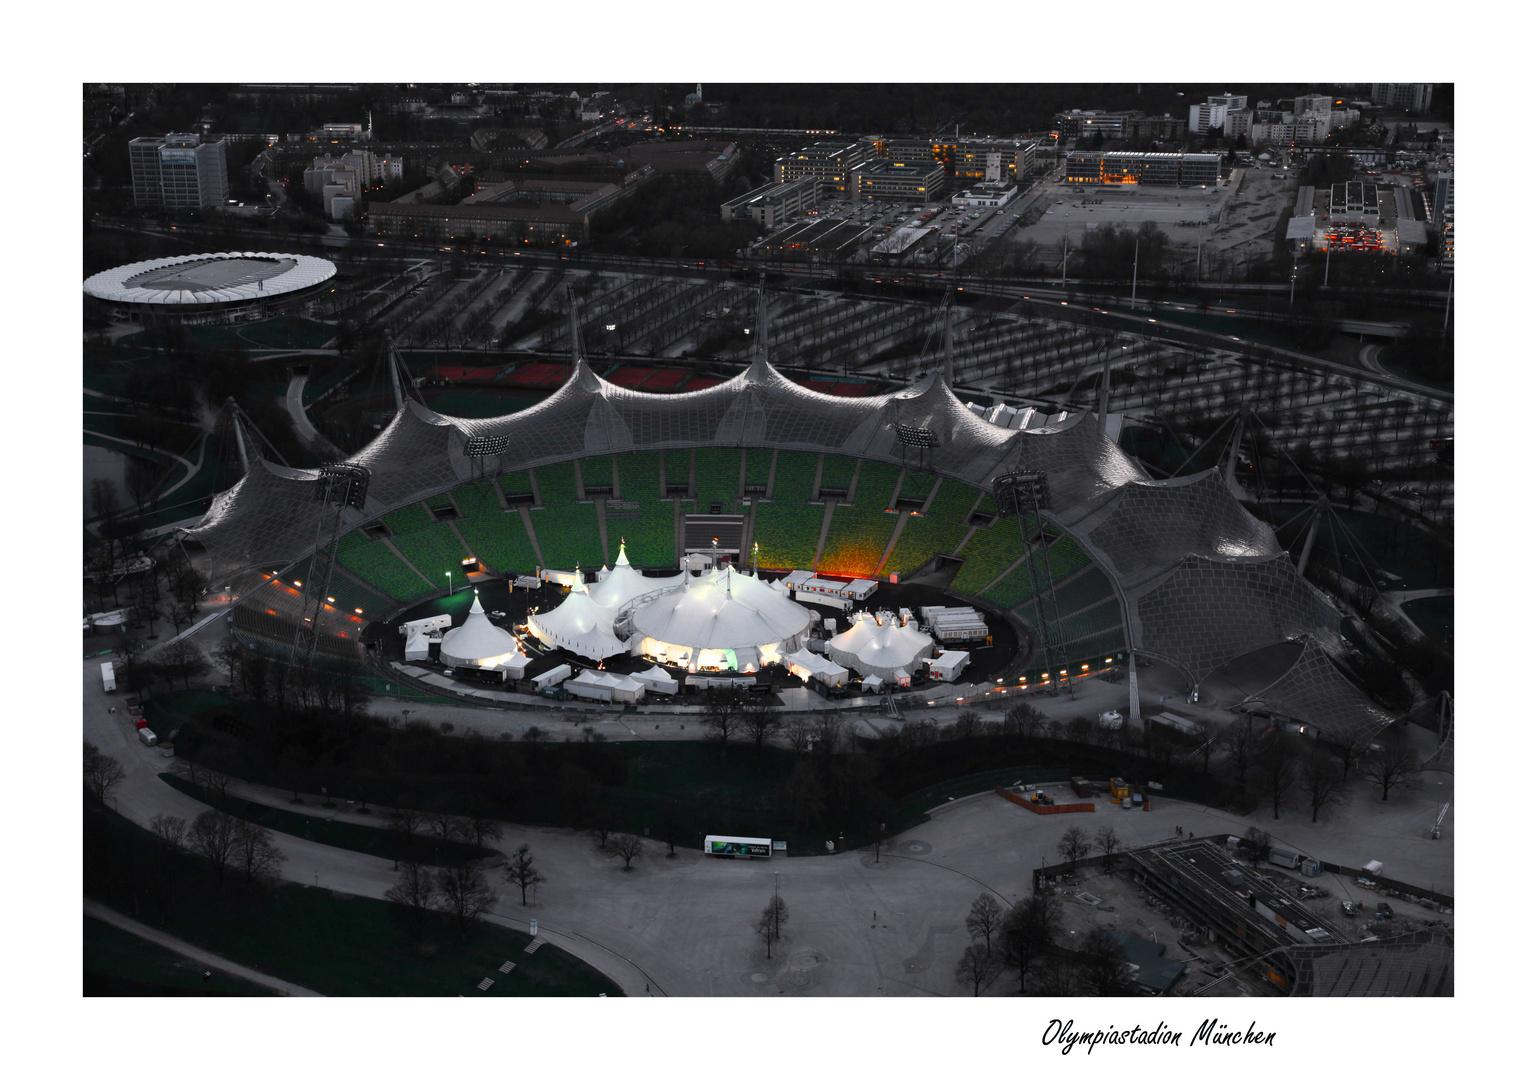 Olympiastadion München mit dem Cirque du Soleil